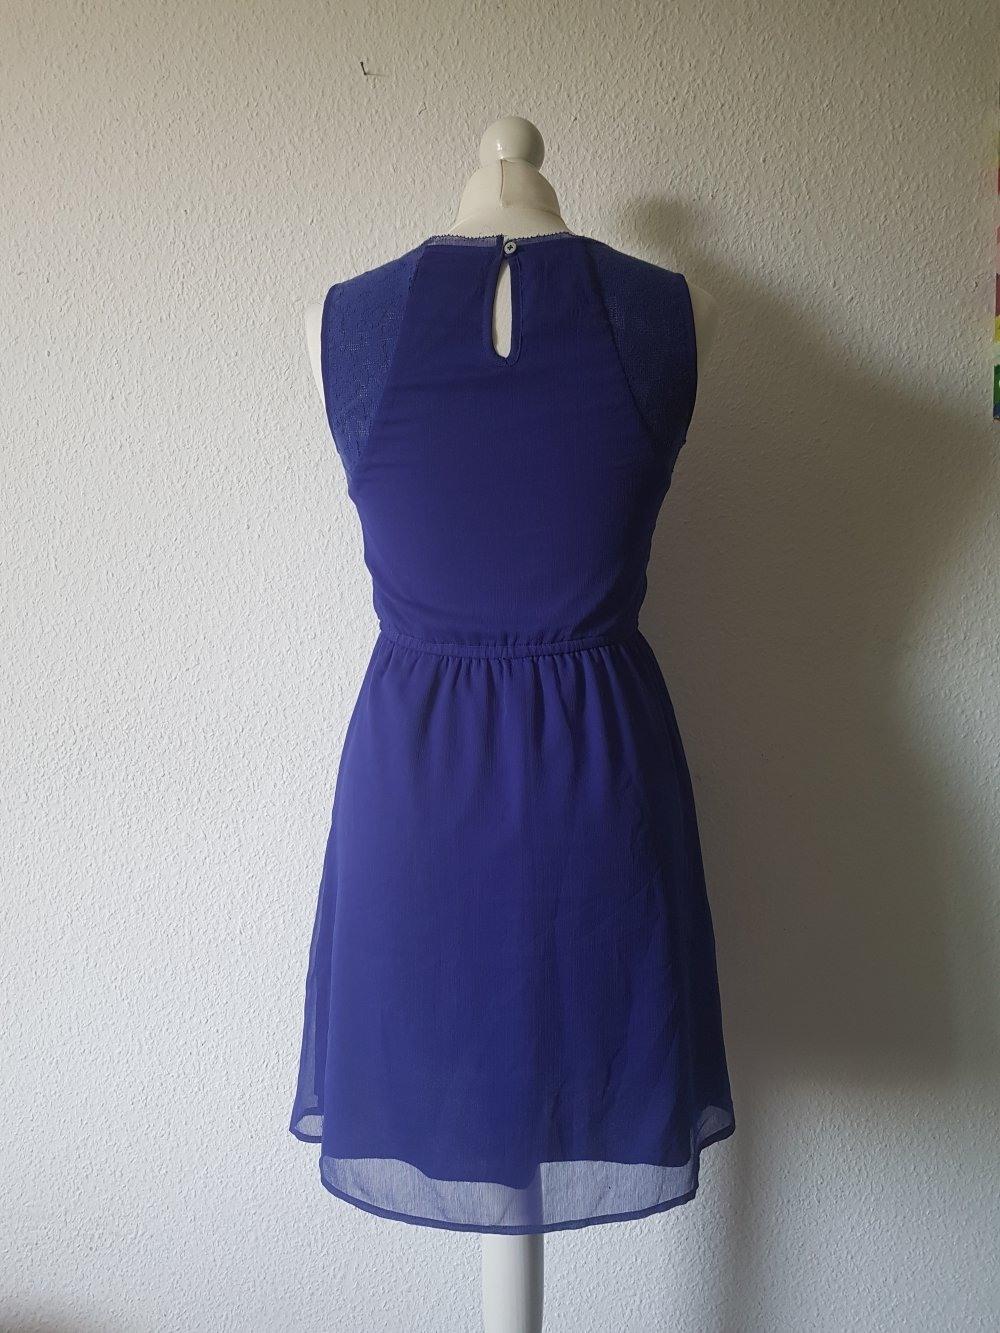 Designer Kreativ Blaues Kleid Ärmel17 Einfach Blaues Kleid Spezialgebiet